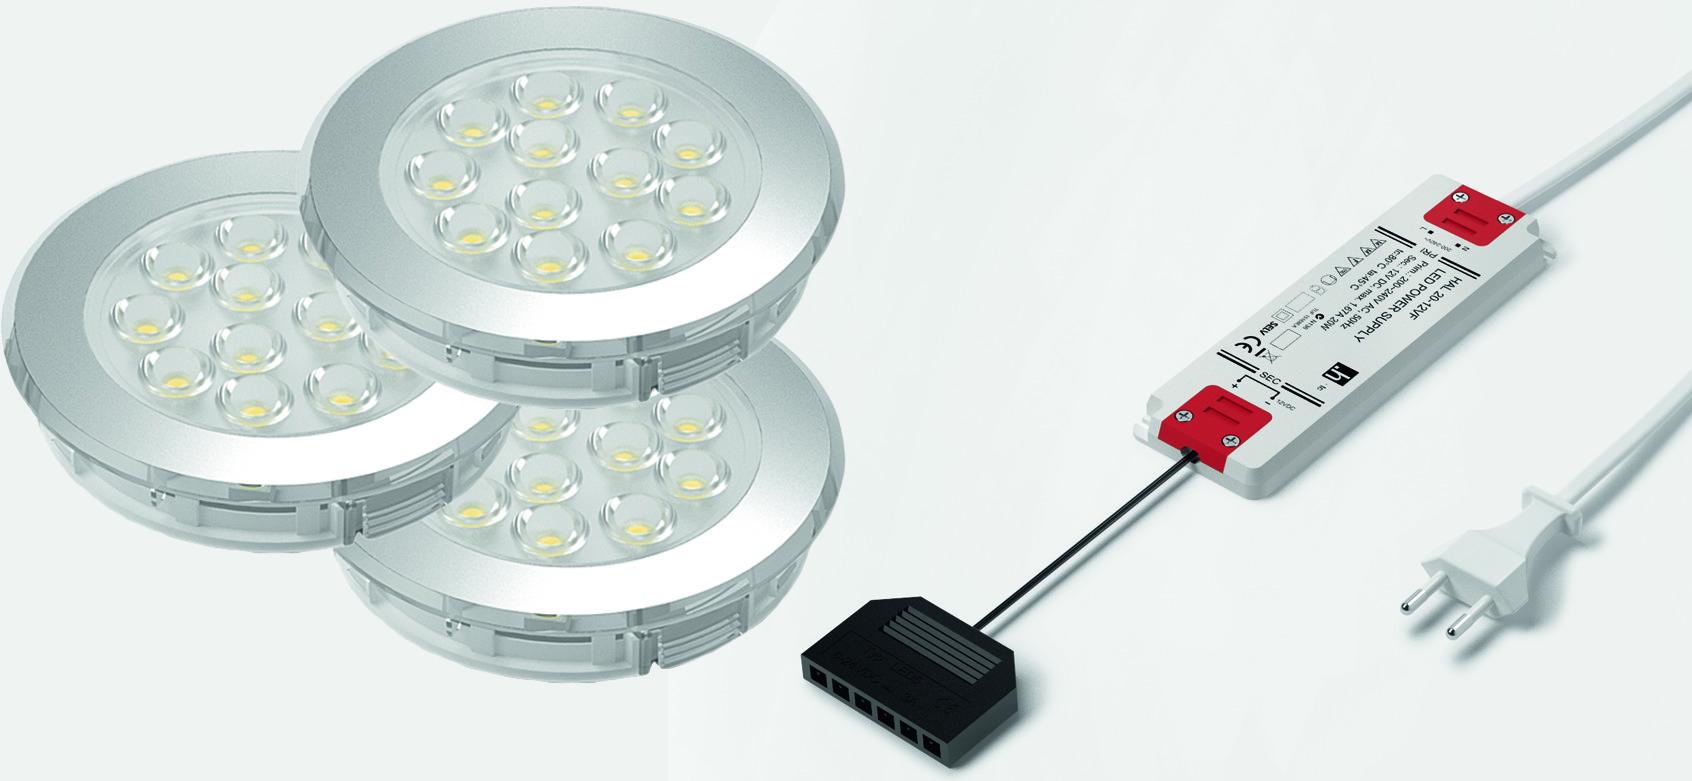 Jeu de lampes LED encastrables/applique HALEMEIER Sign Plus 12 V